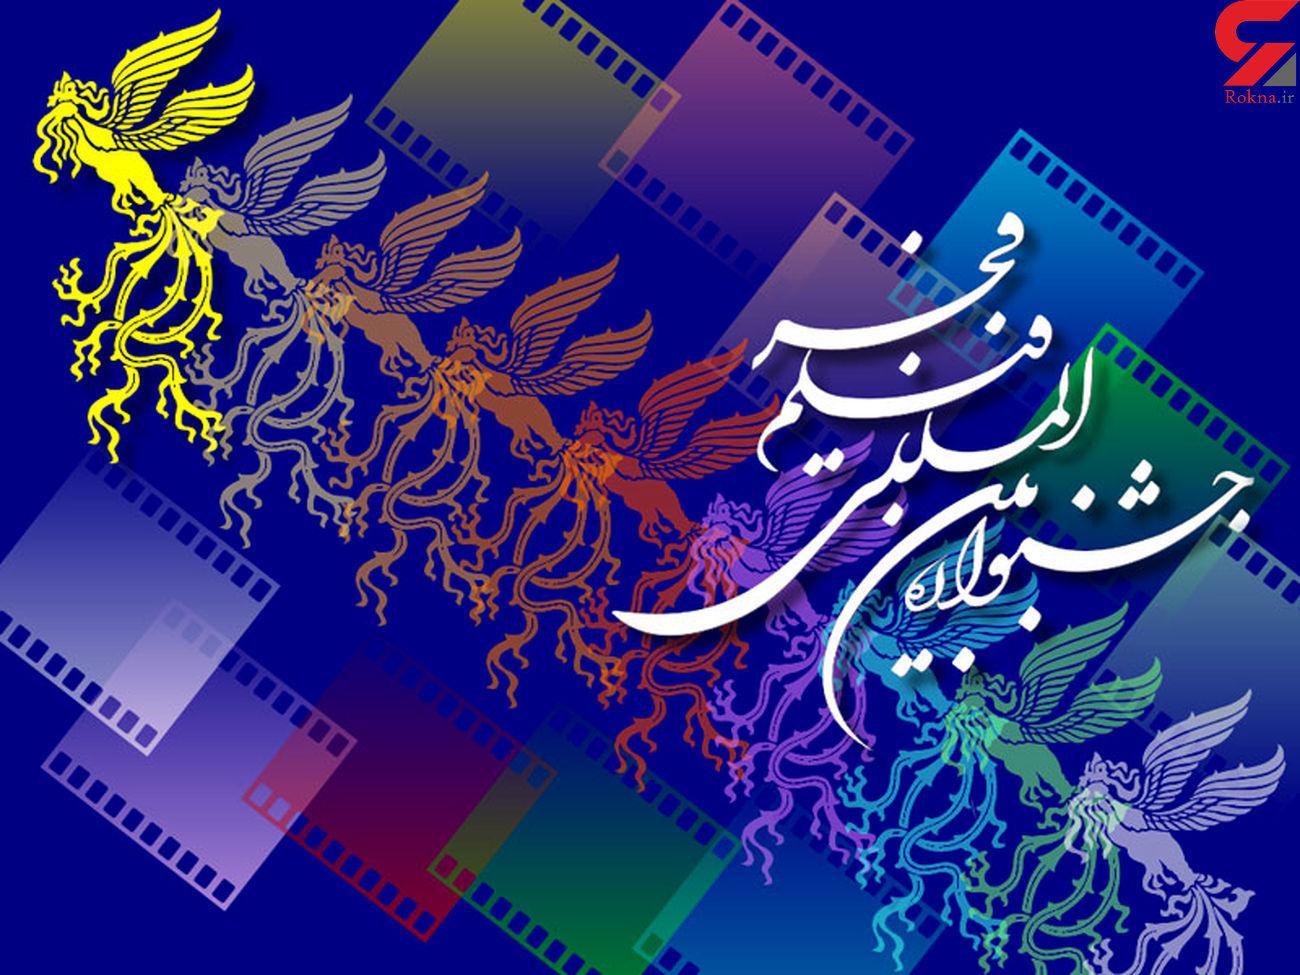 نامزدهای بهترین بازیگر نقش اول زن و مرد جشنواره فیلم فجر 99 اعلام شد+ عکس